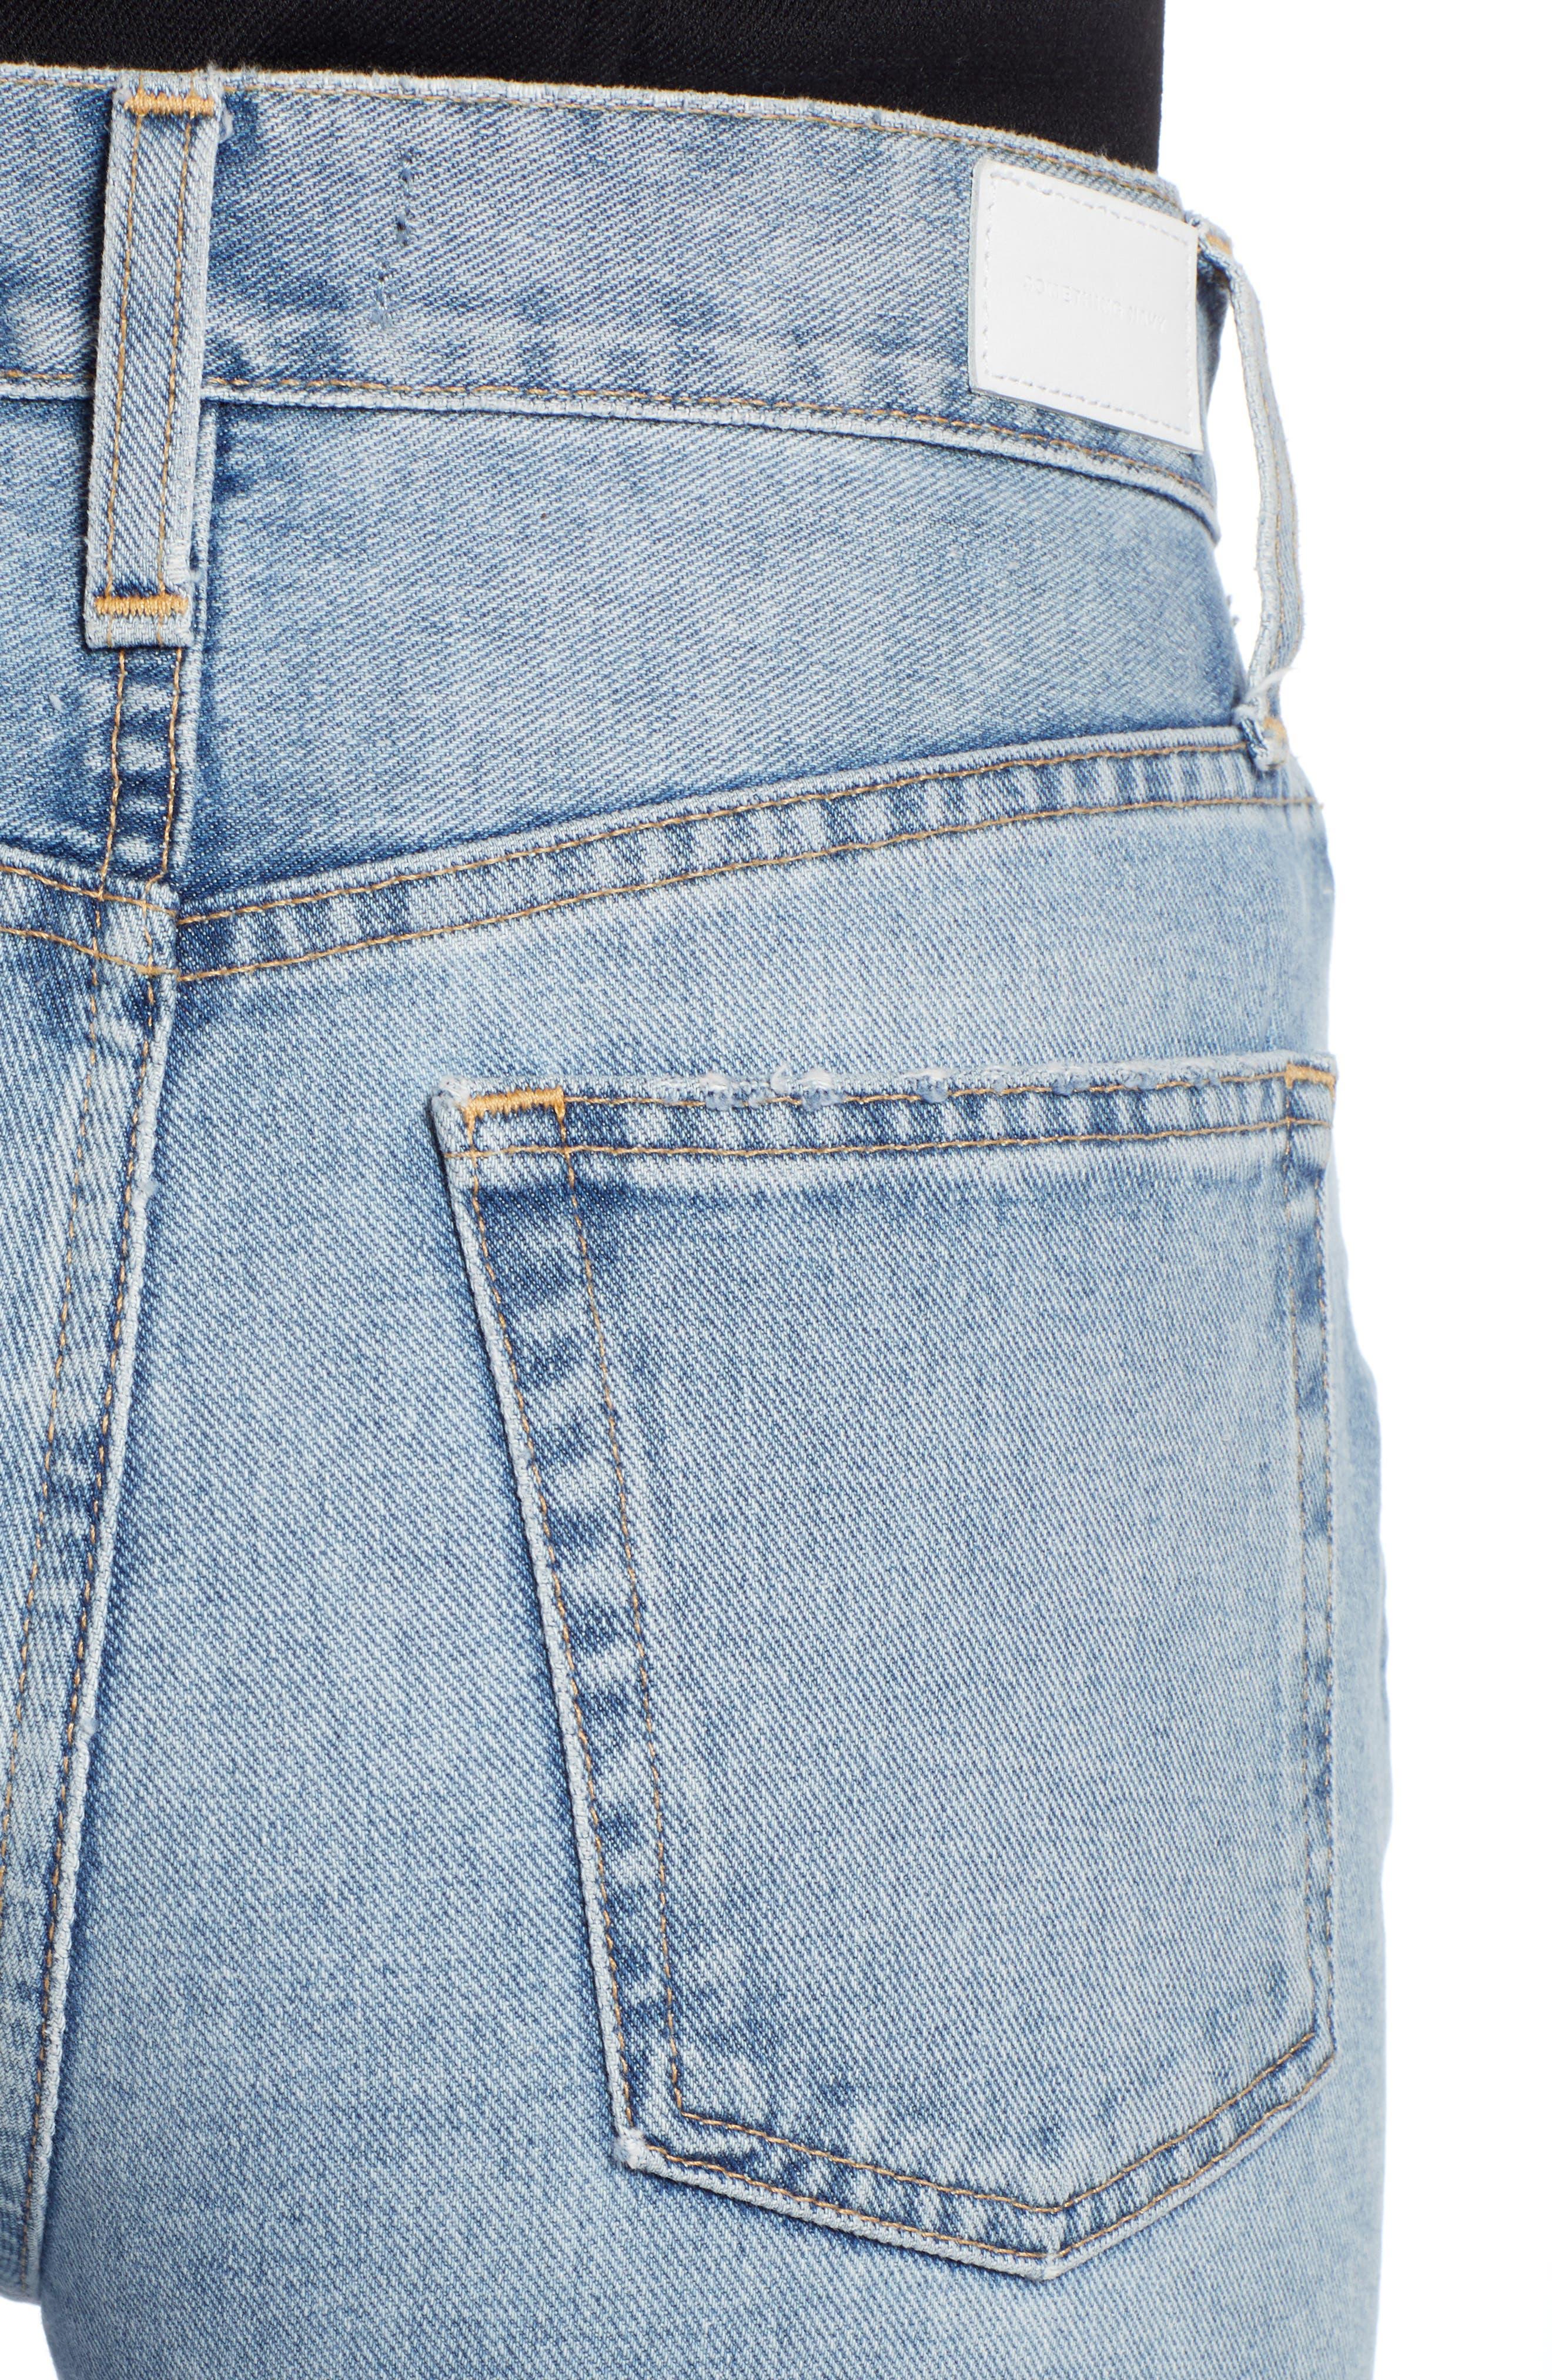 Ankle Cigarette Jeans,                             Alternate thumbnail 6, color,                             420